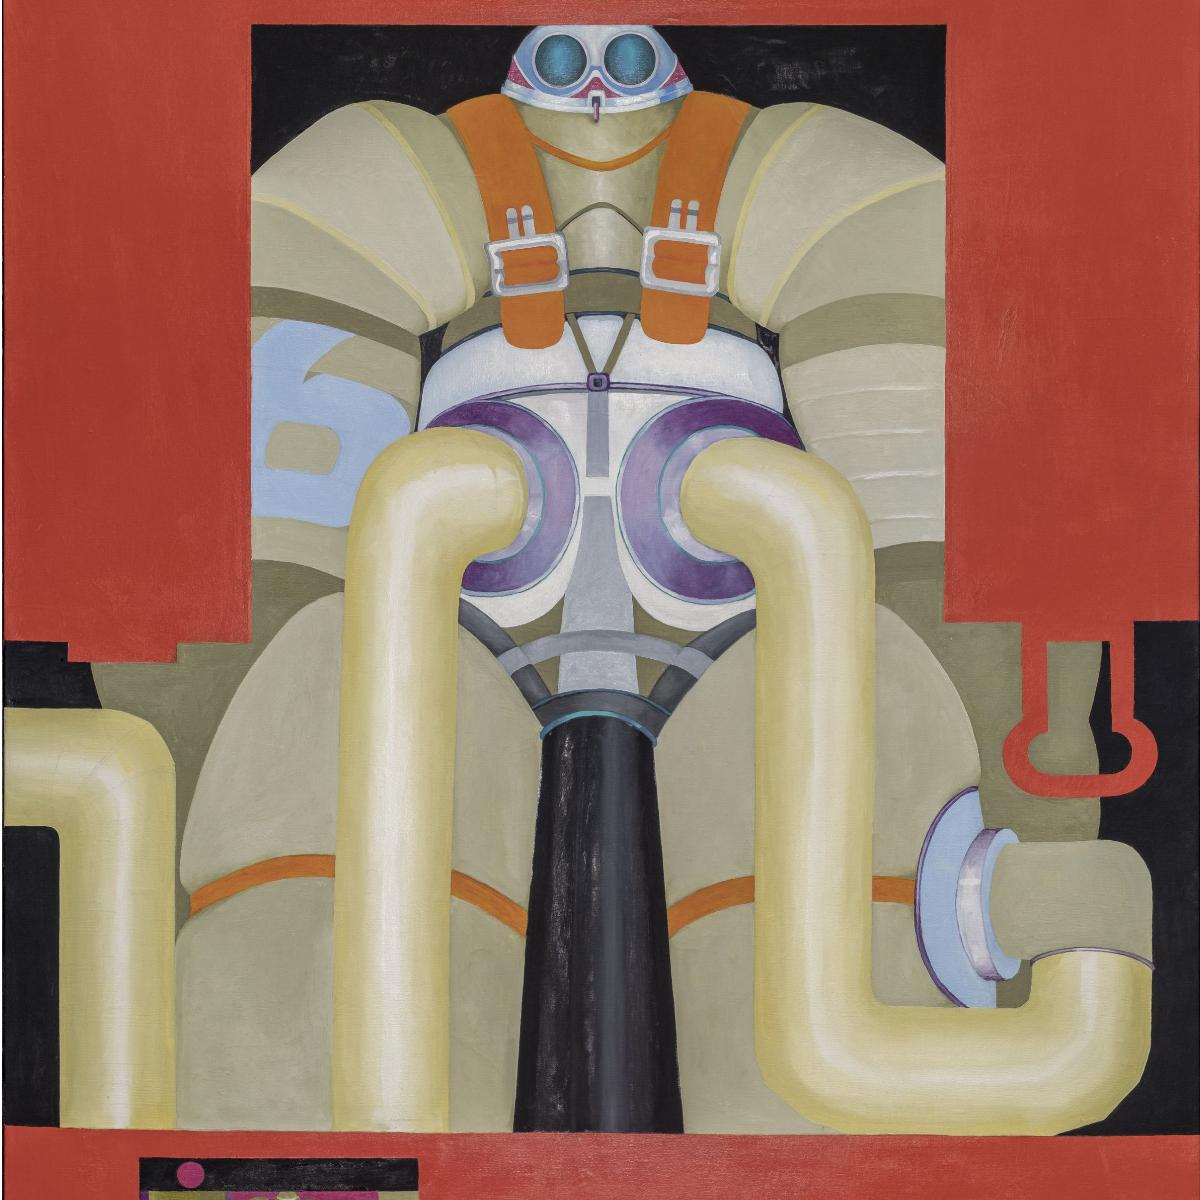 Bettina von Arnim, Optiman, 1969l auf Leinwand138 x 112 x 3 cm Staatliche Museen zu Berlin, Nationalgalerie  Mathias Vlzke  VG Bild-Kunst, Bonn 2021